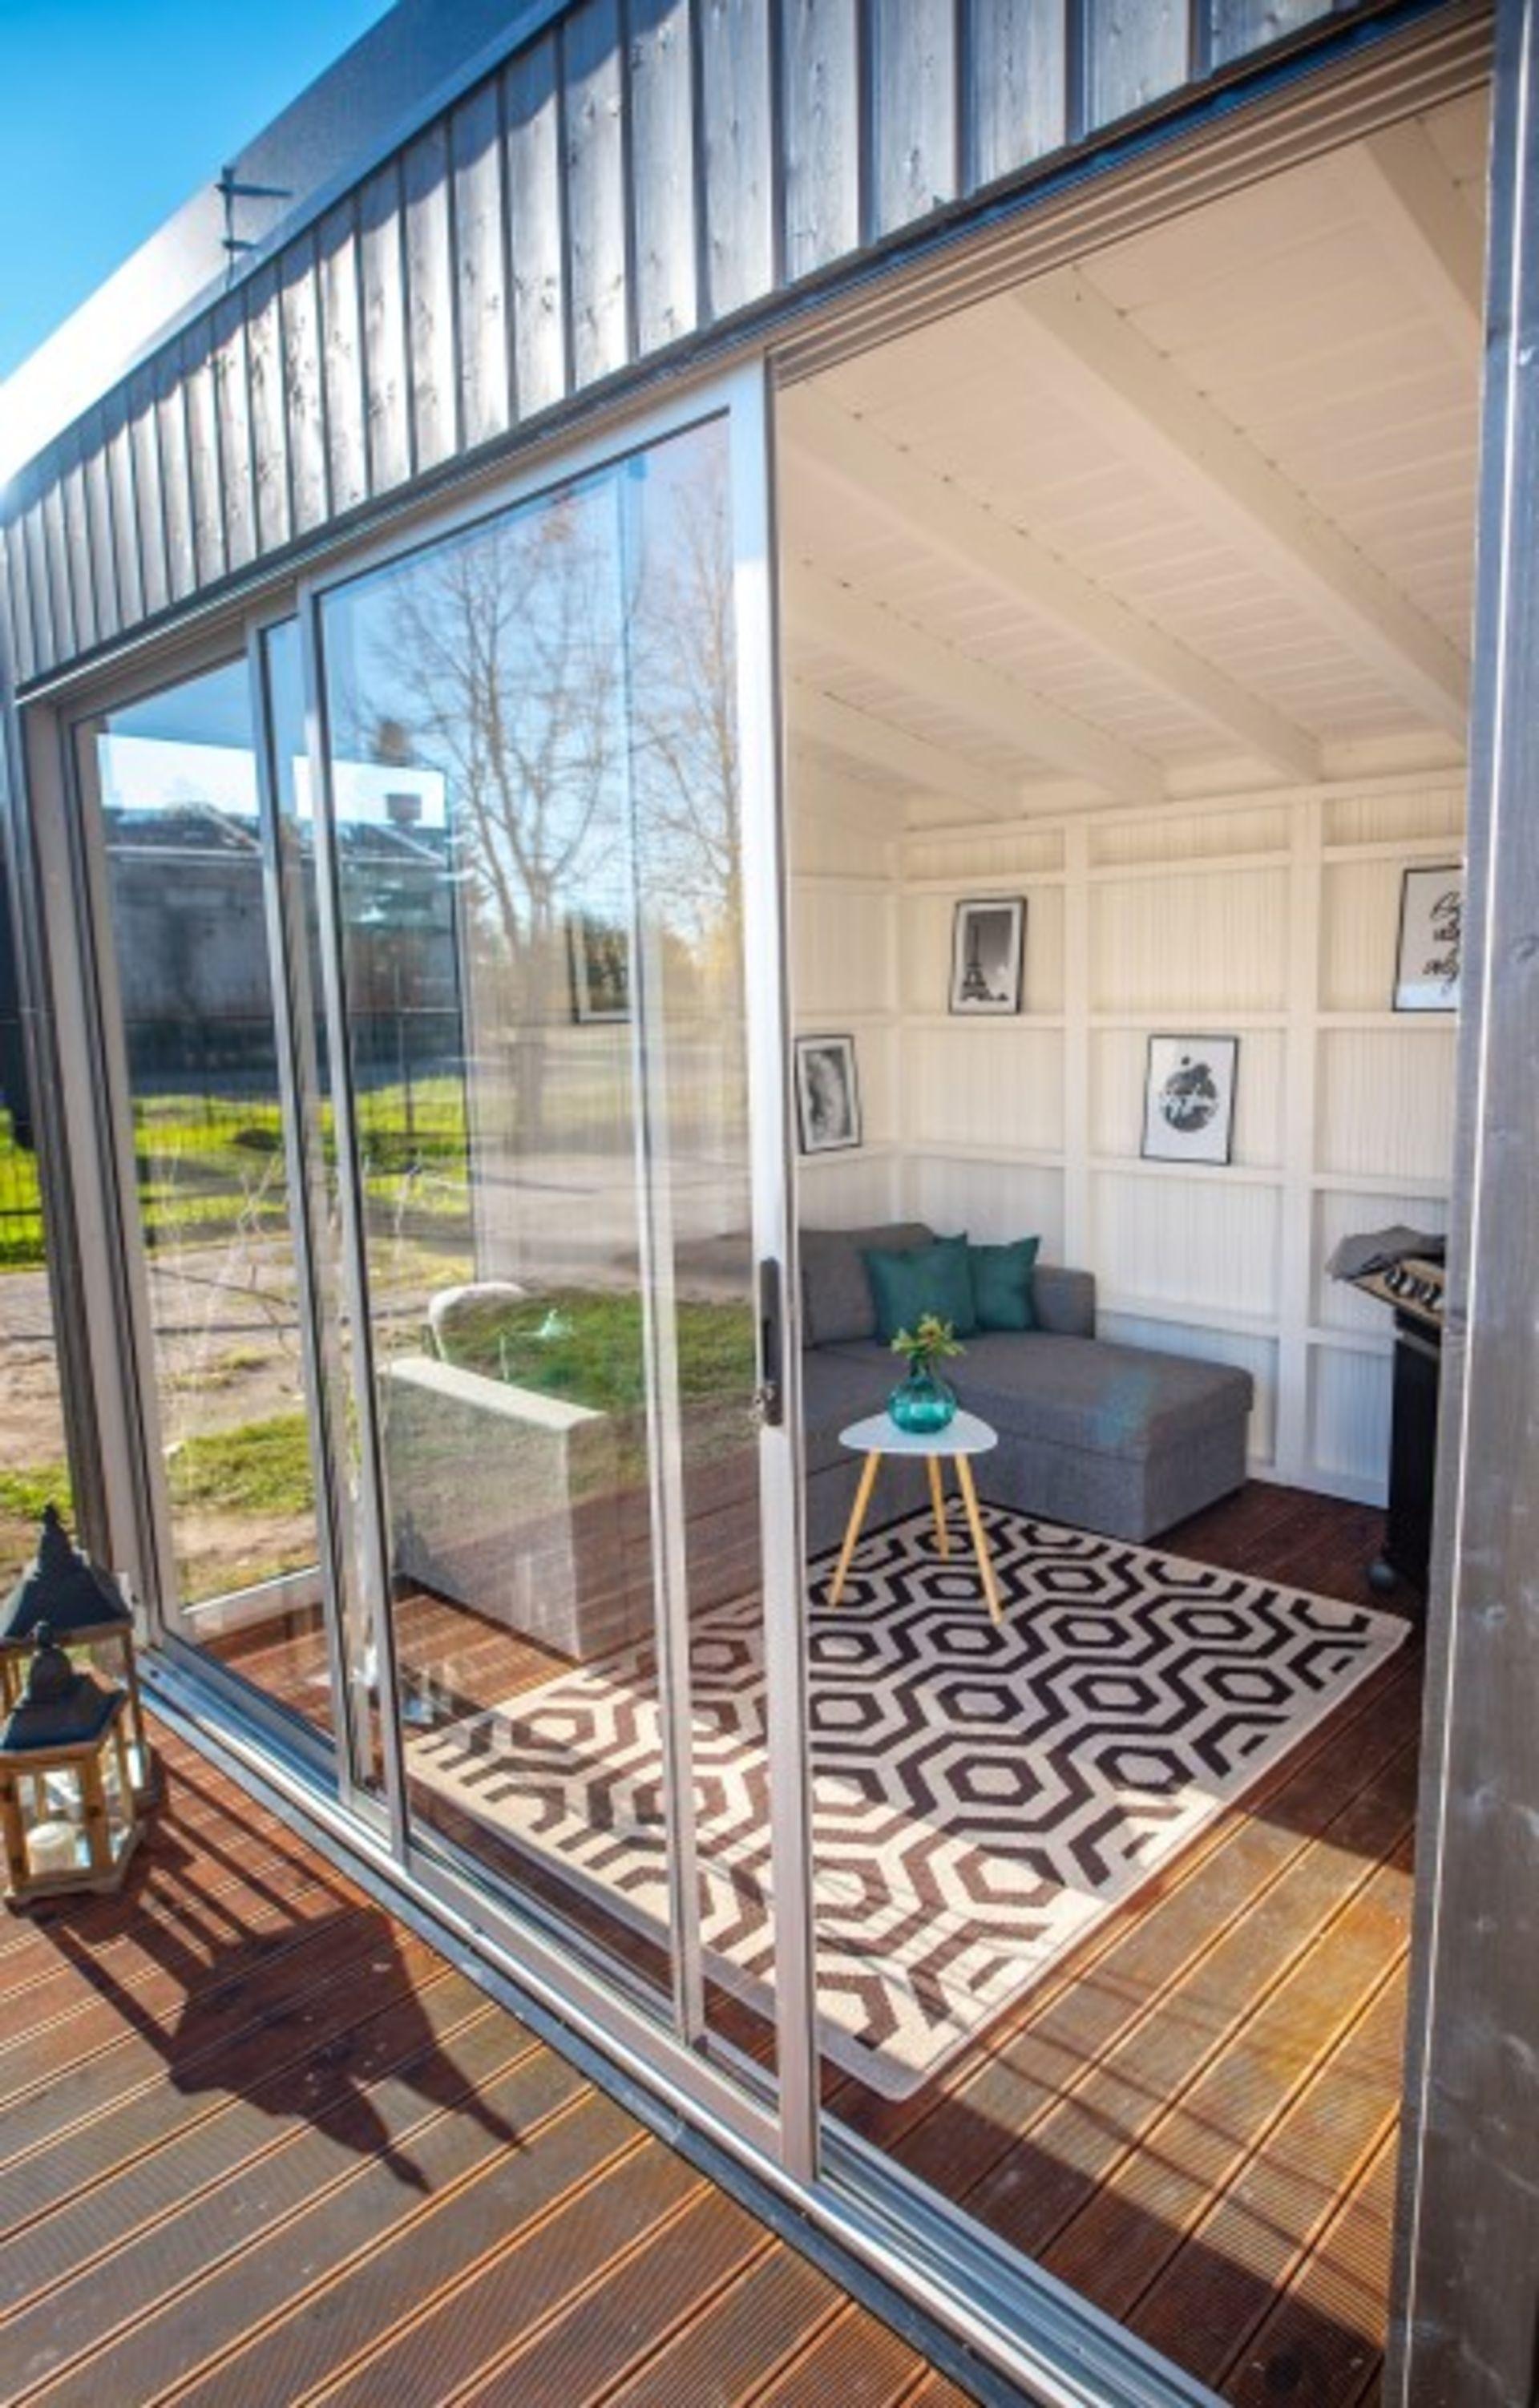 Lot 18004 - V Brand New Fantastic 3m x 3m Garden Cube With Triple Sliding Glass Doors - Full Floor To Ceiling